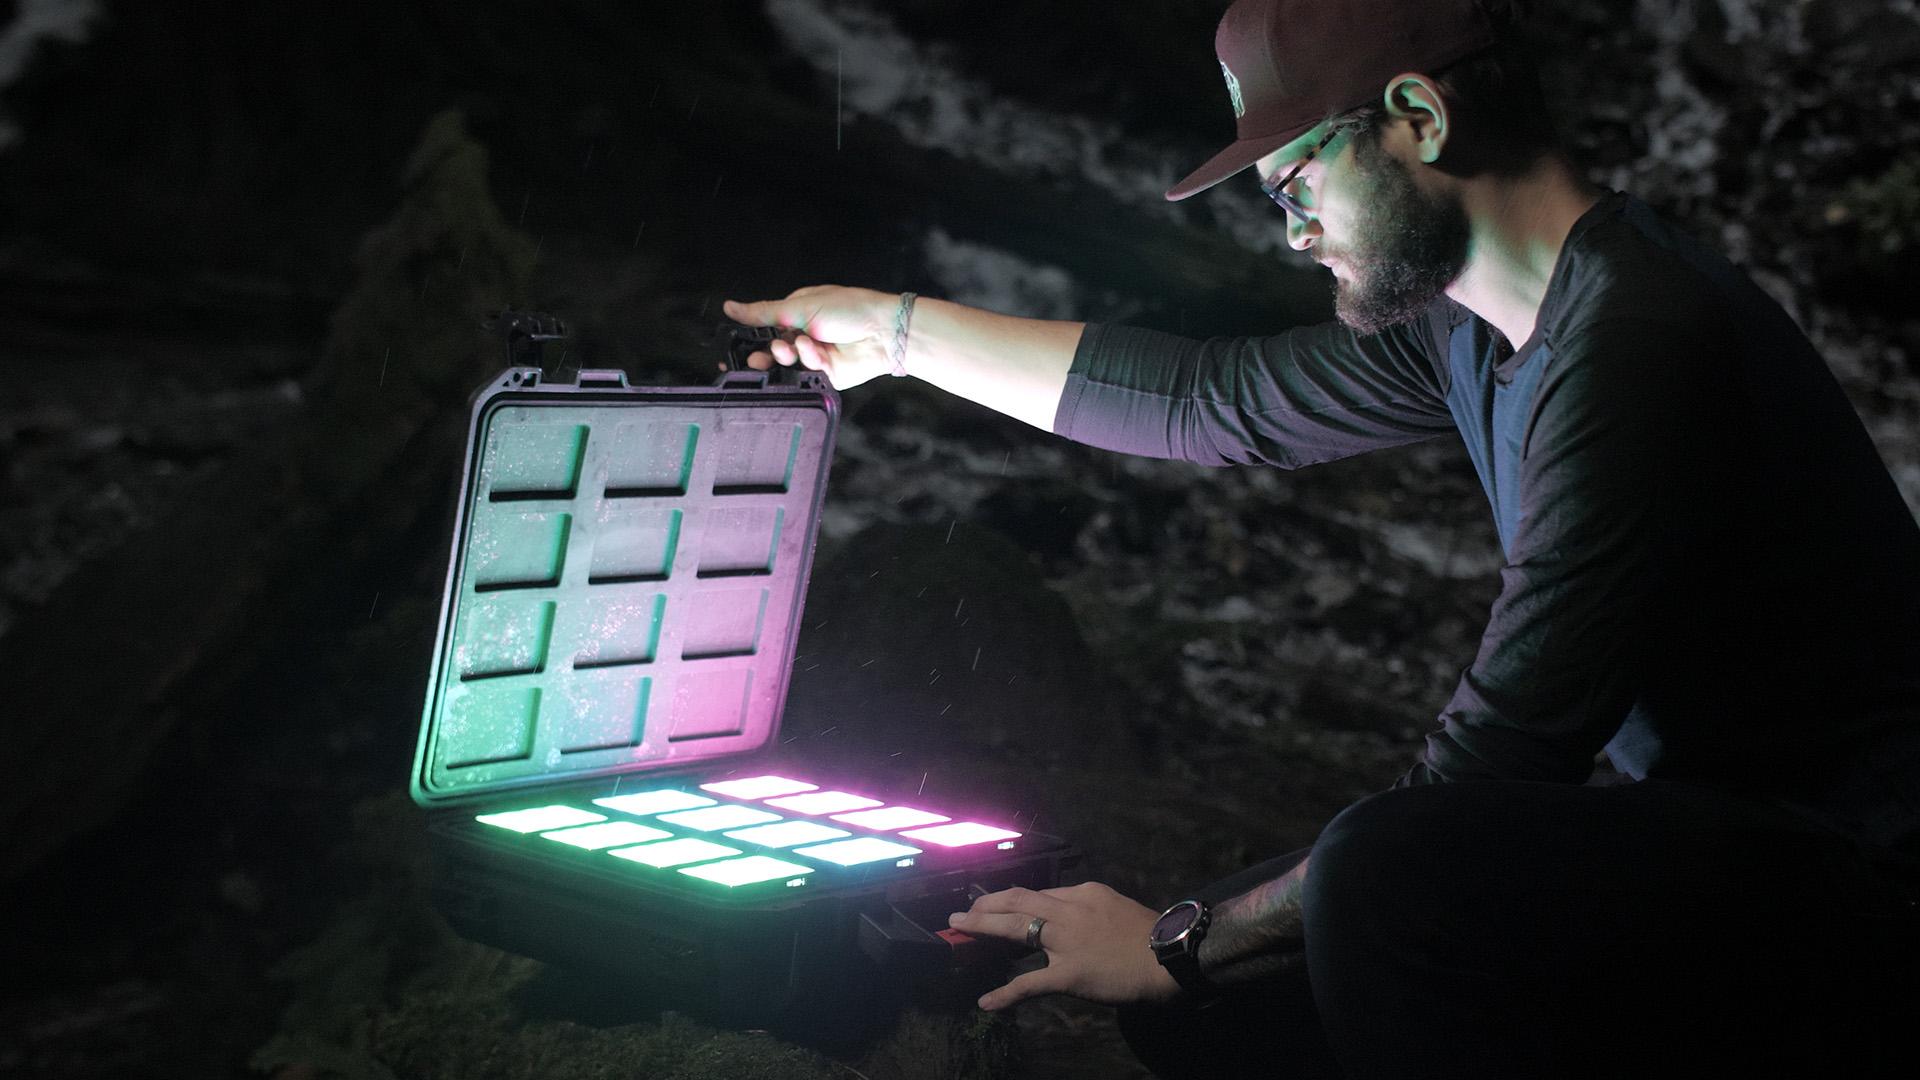 The Aputure MC-12 multi-light kit. Image: Aputure.